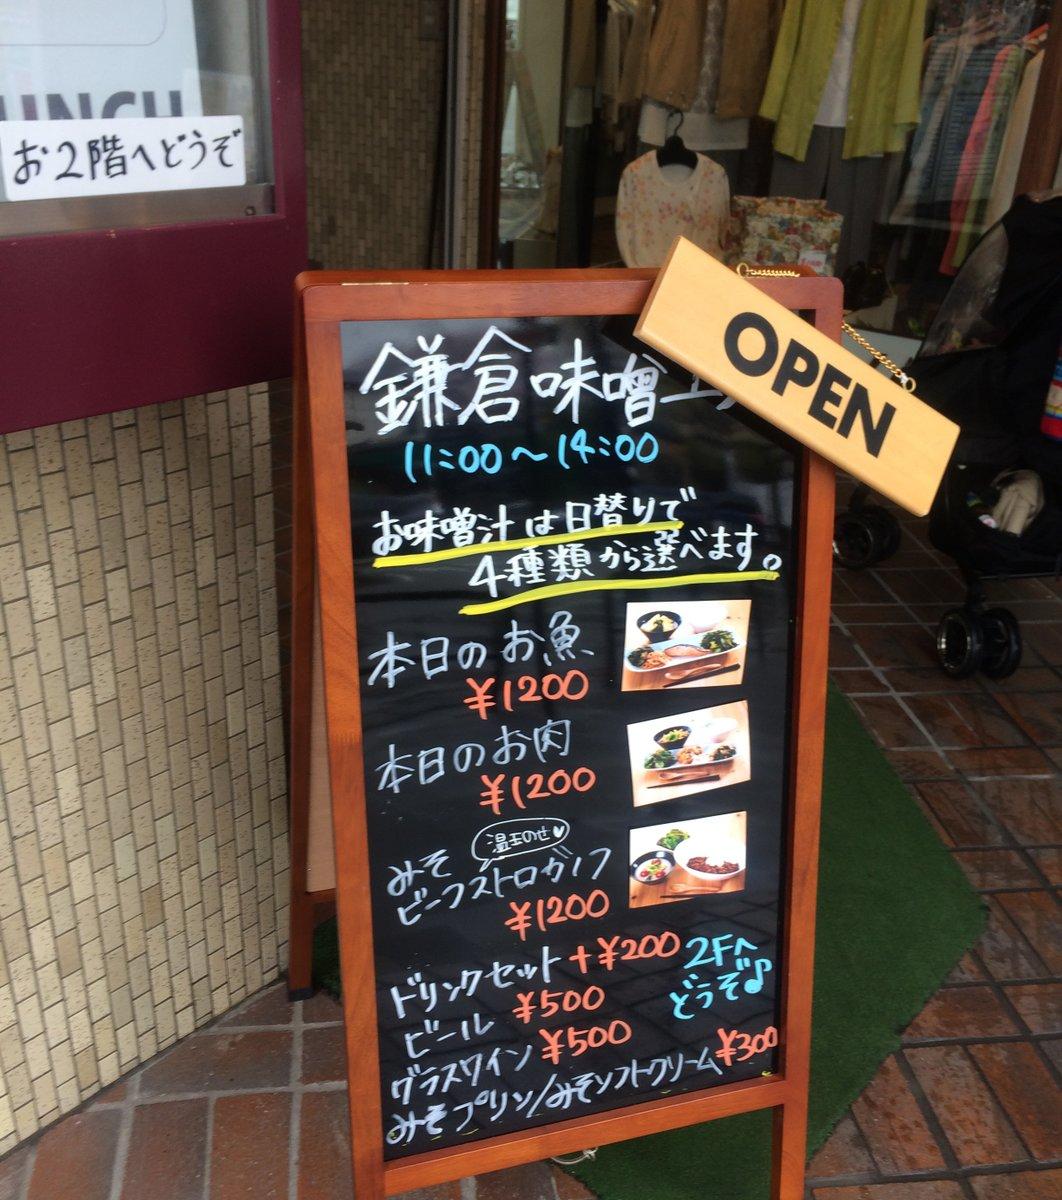 江ノ島電鉄株式会社 鎌倉駅